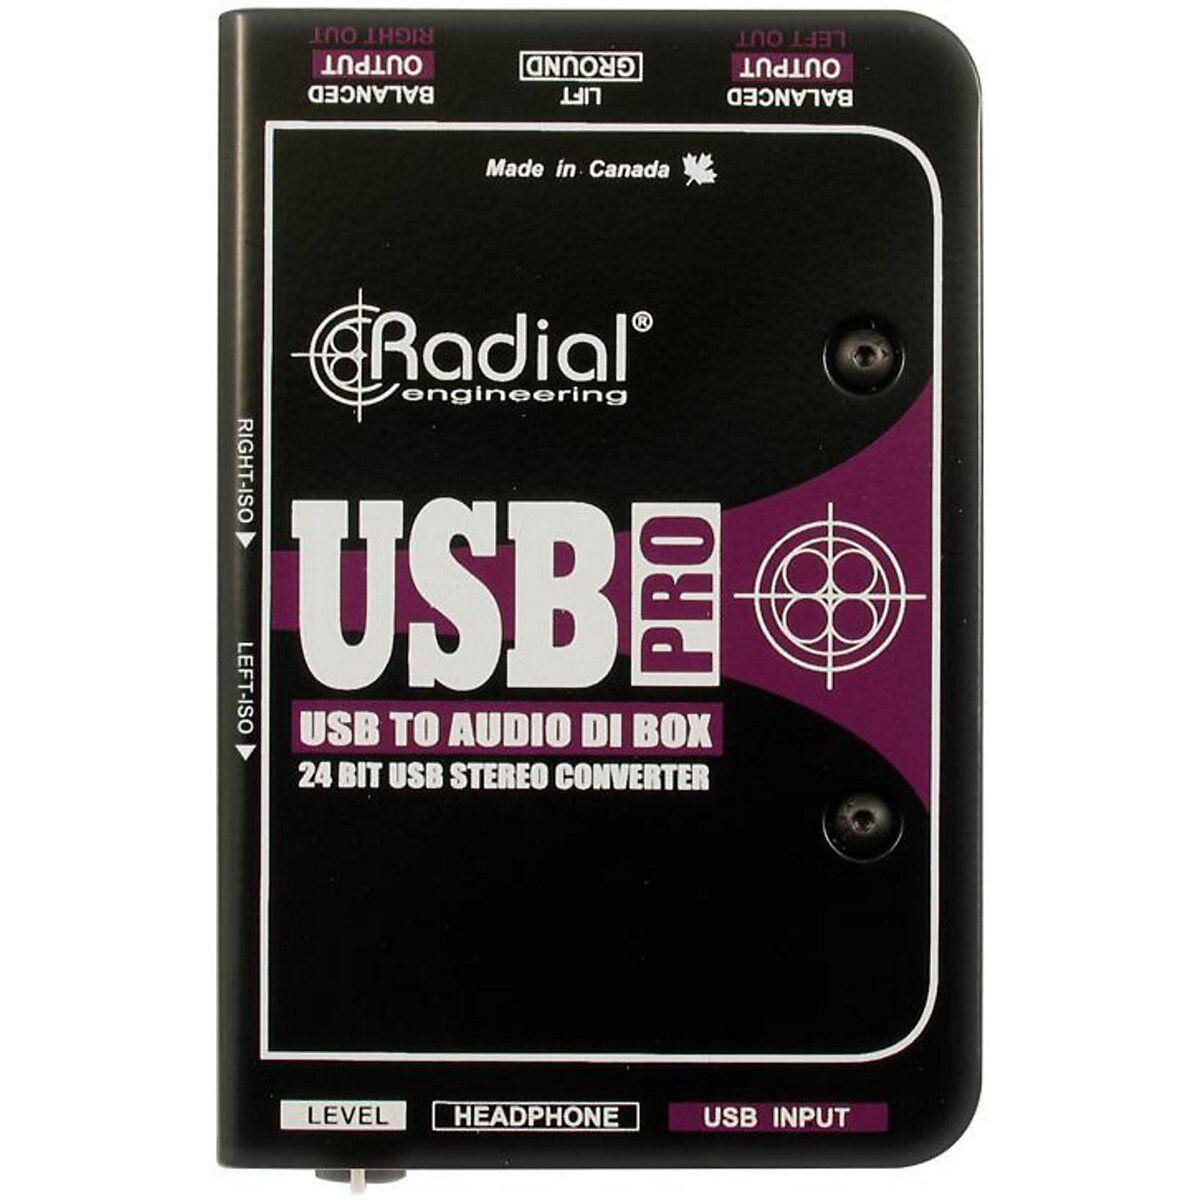 Radial Engineering Engineering Engineering USB-Pro Estéreo USB portátil di Nuevo  entrega gratuita de 2 días    7571c4